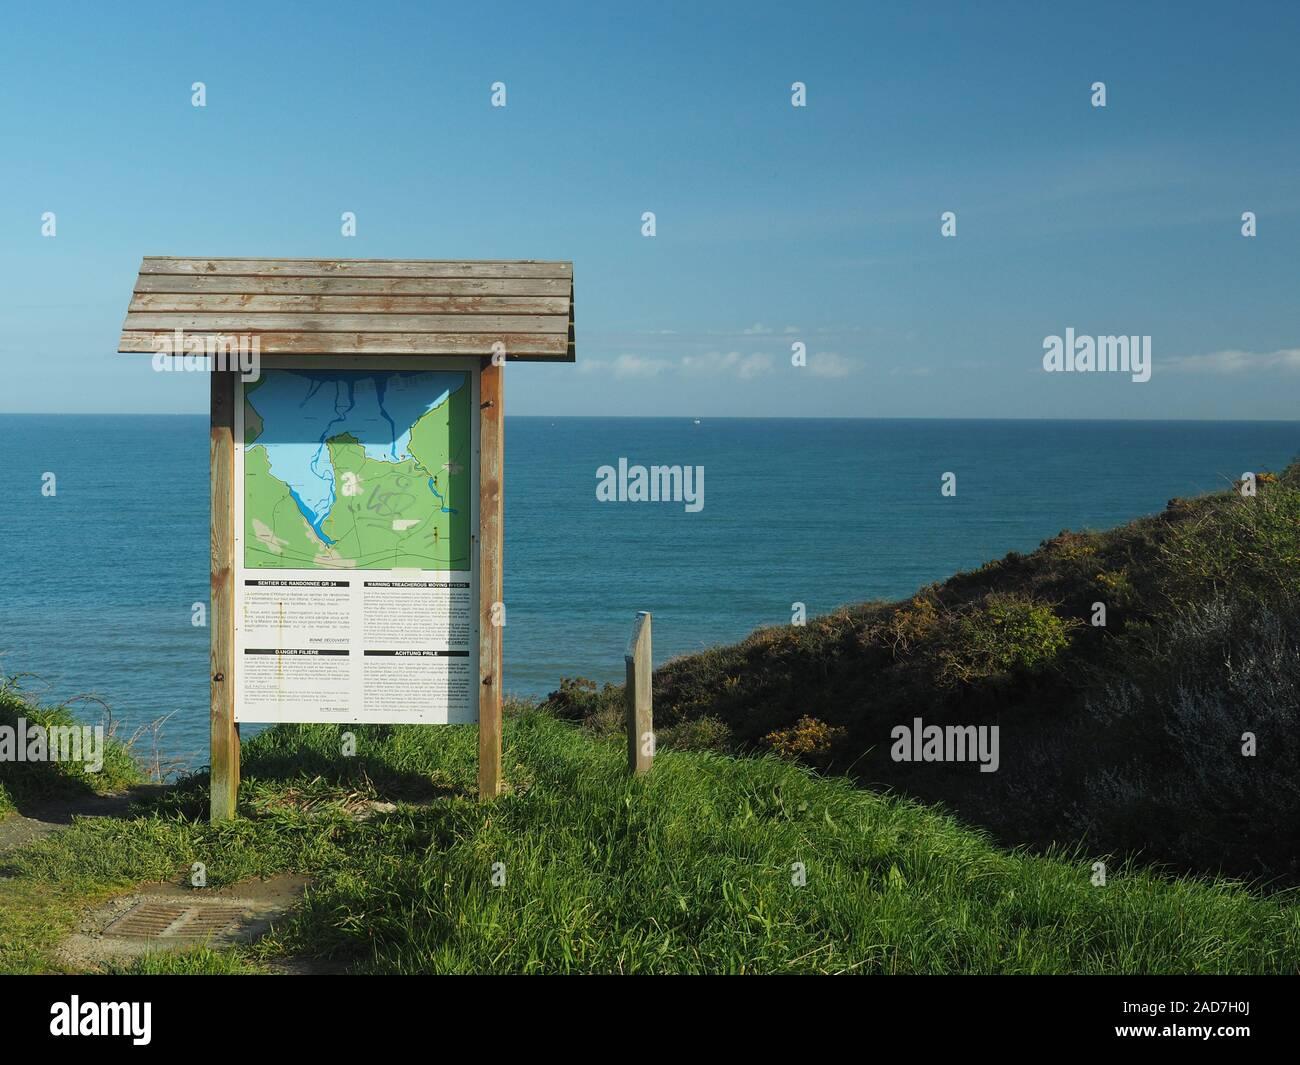 Bahía de Hillion, Francia, Normandía, - signo de advertencia de bajamar y pleamar Foto de stock